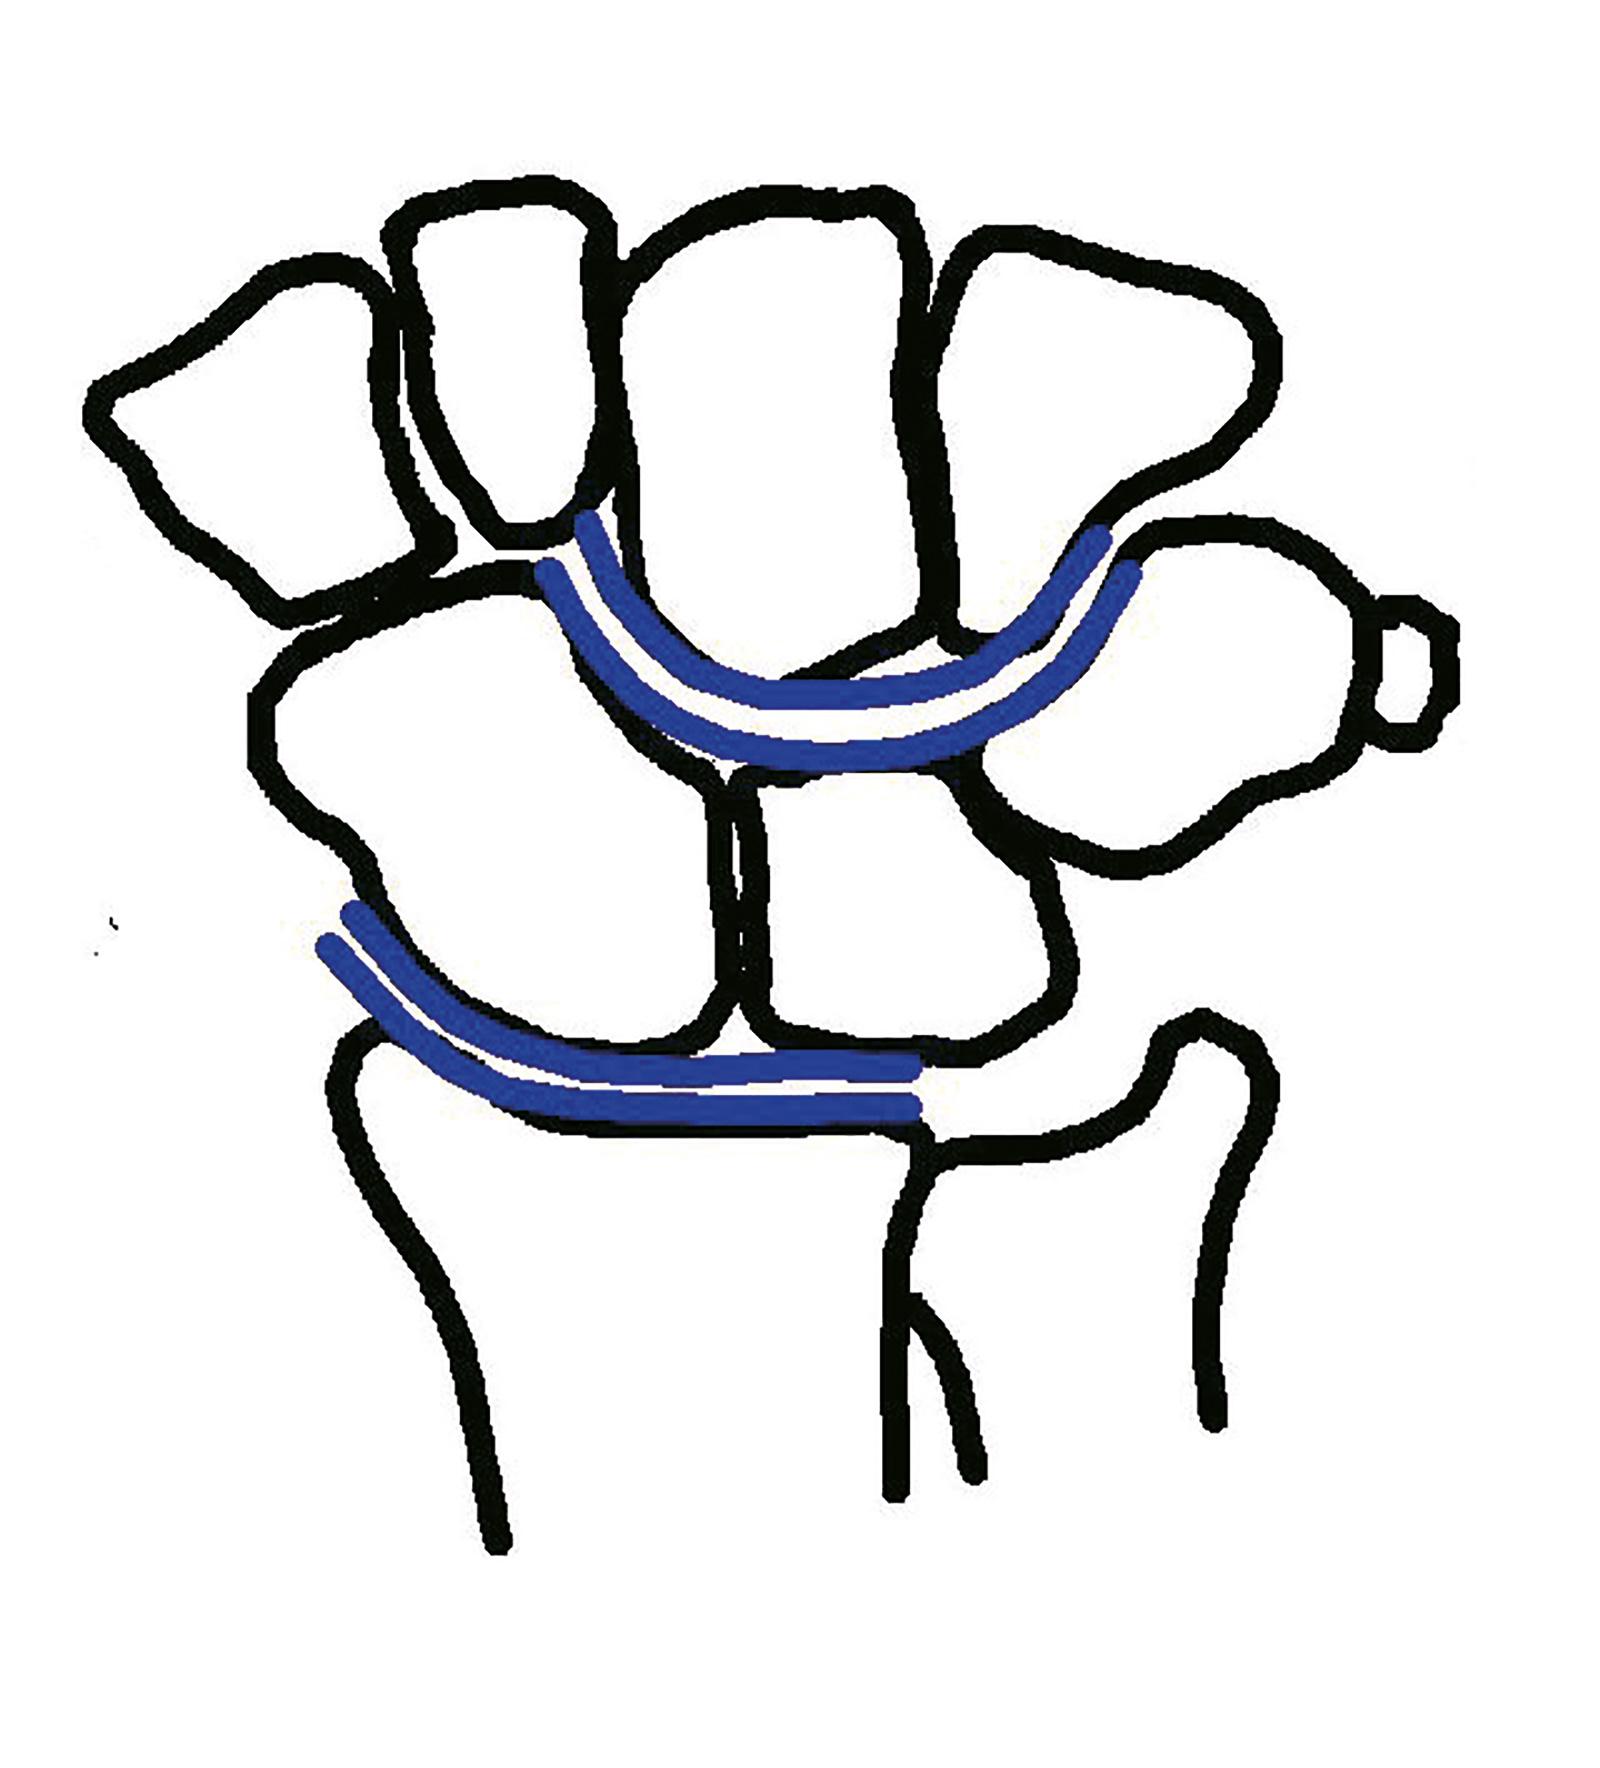 Abb. 7-11: Eine Linie an die Gelenkflächen des Scaphoideum und Lunatum verläuft parallel zu der Gelenkfläche des Radius, genauso wie eine Linie an die Gelenkfläche des Scaphoideum und Lunatum parallel zu der Gelenkfläche des Capitatum und Hamatum verläuft